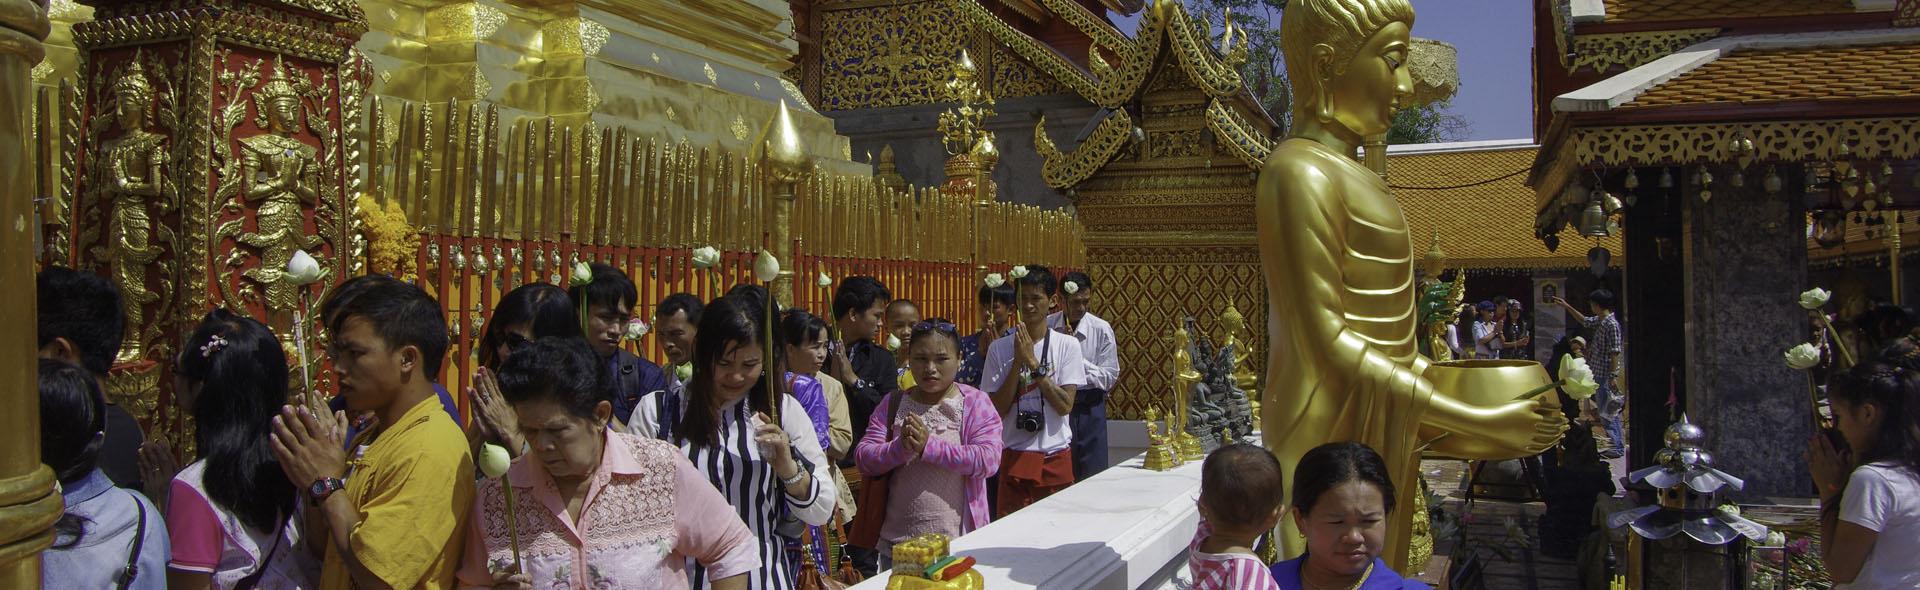 Wallfahrt zu Buddha